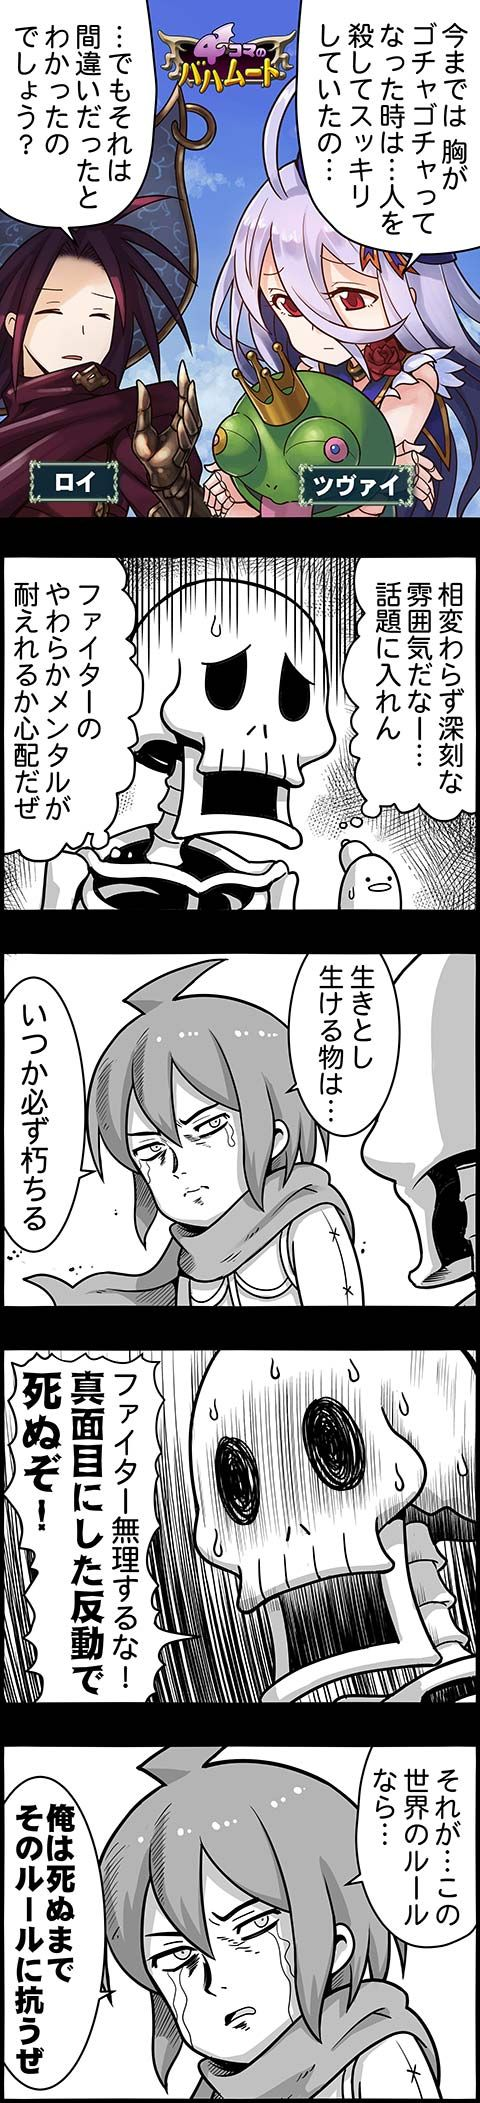 バハ (3)